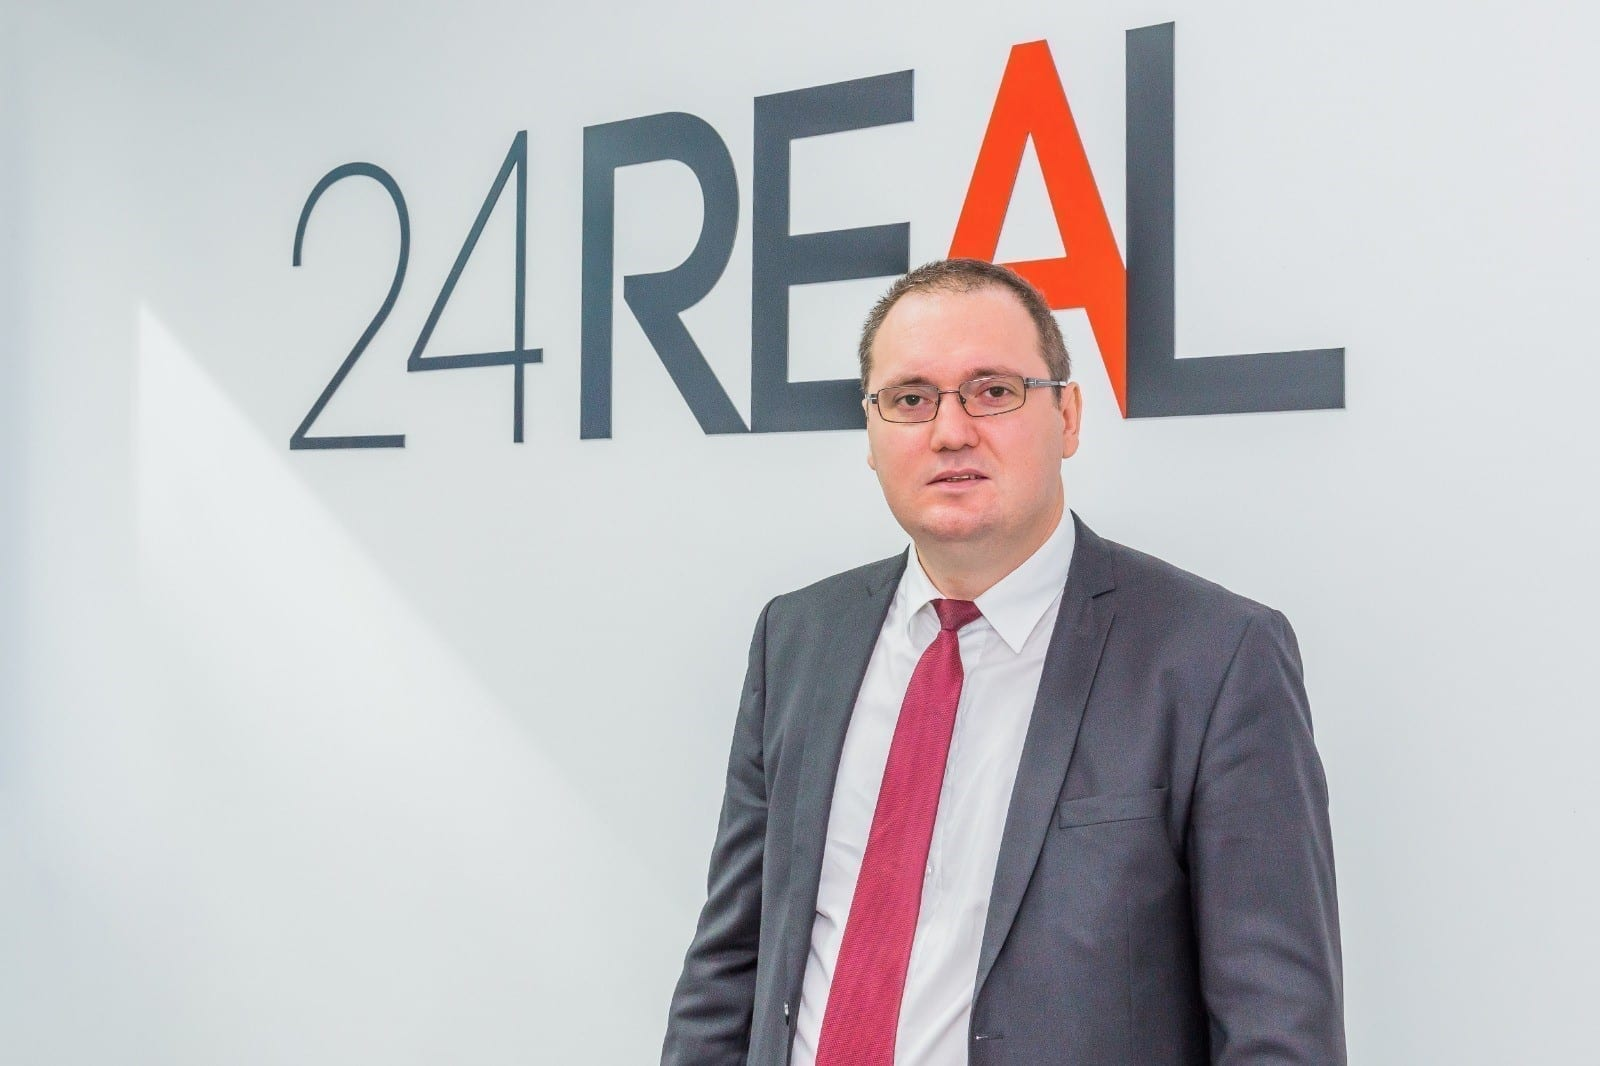 Constantin Capraru managing partner 24REAL 2020 1 - Companiile din clădirile de birouri devin jucători pe piața subînchirierilor